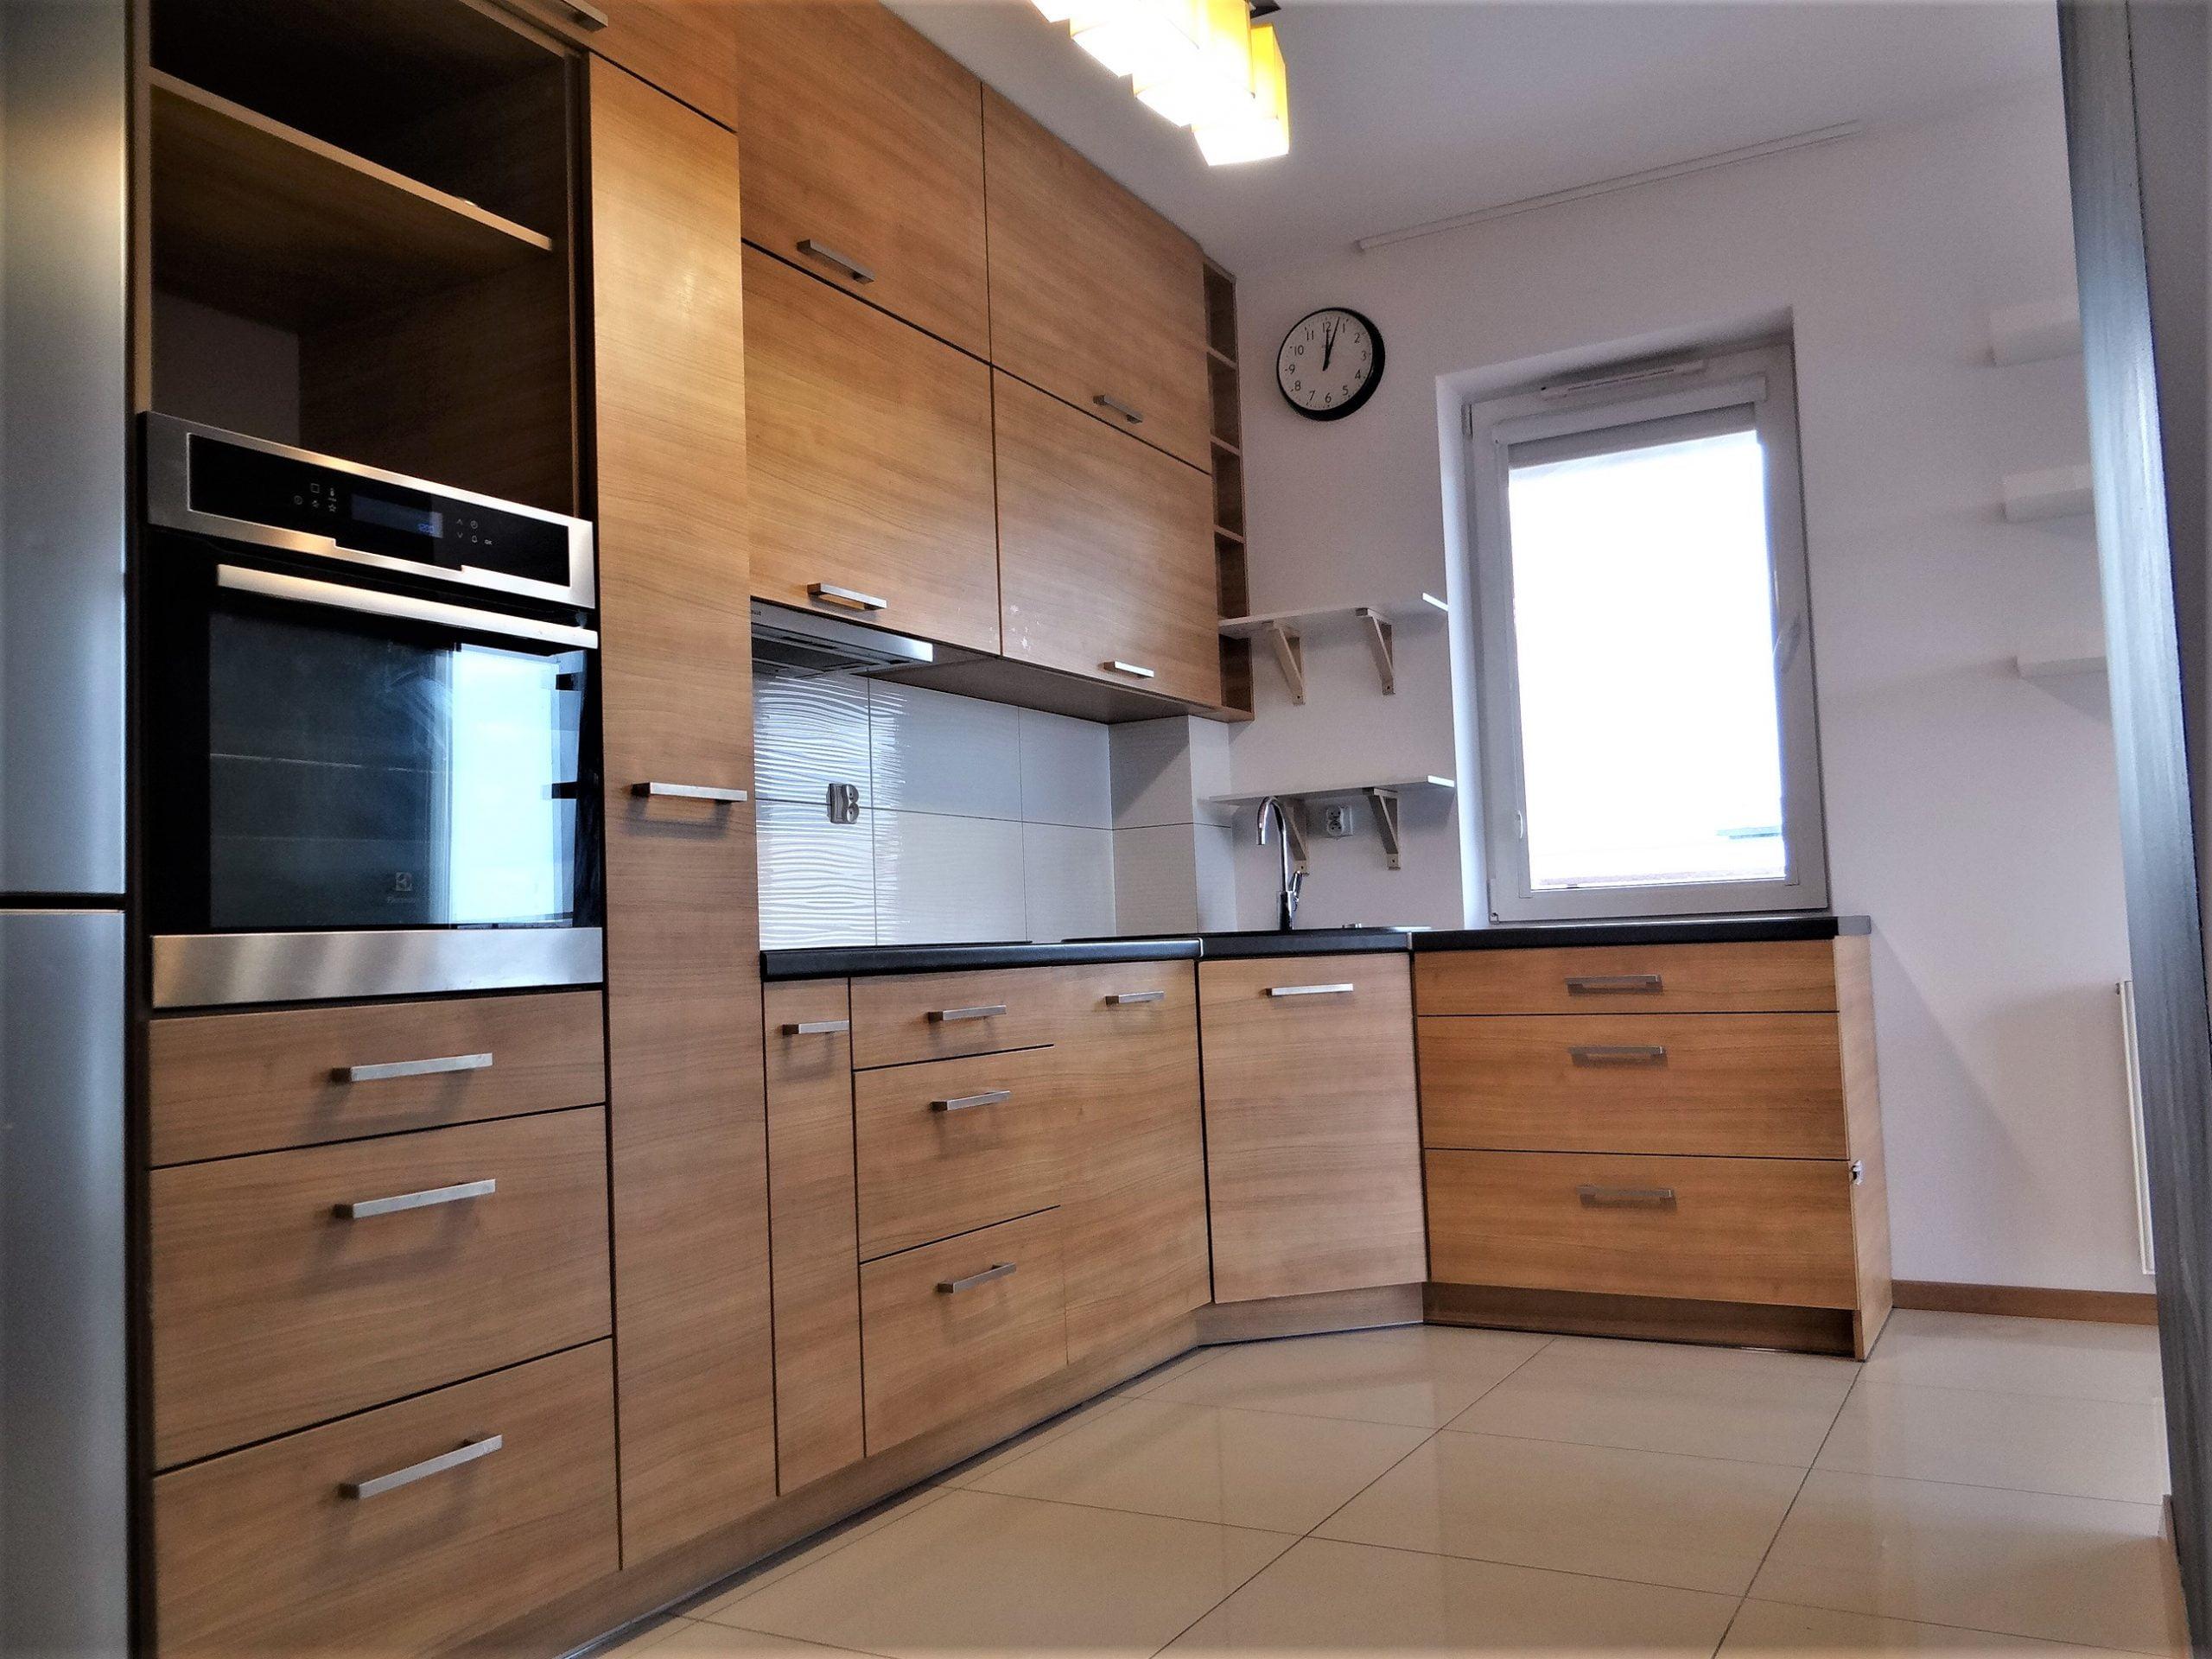 Warmińska- ładne i duże mieszkanie natychmiast!